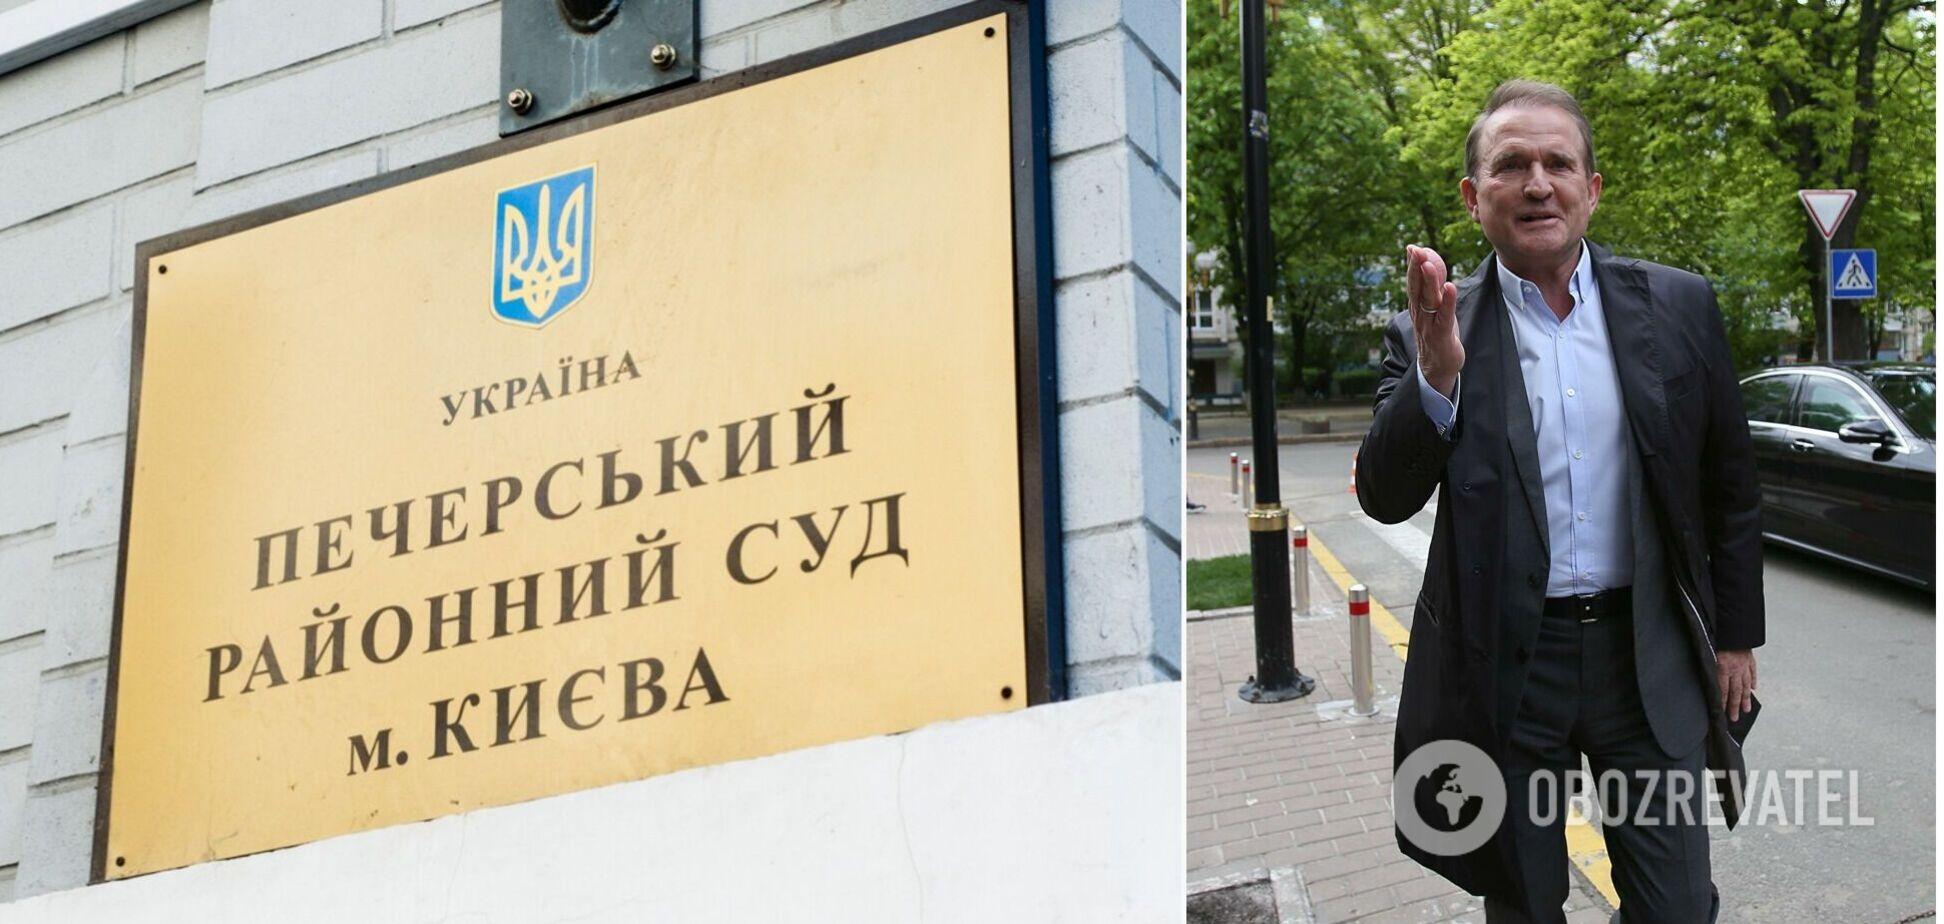 Суддя відмовив нардепам у взятті на поруки Медведчука